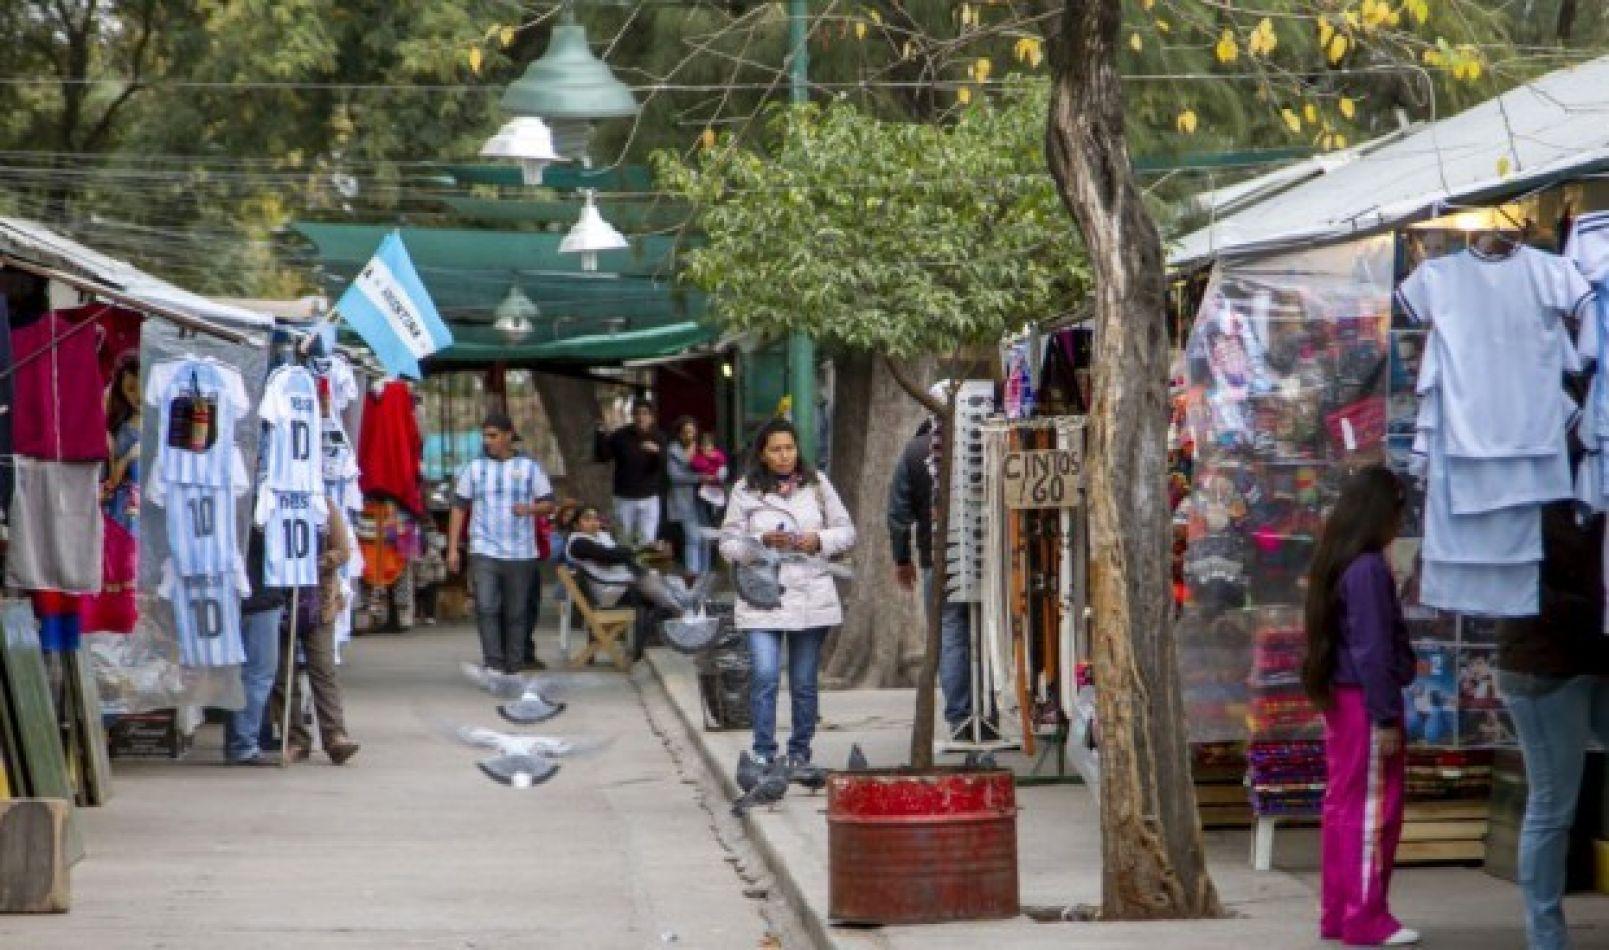 Concejales darían una prórroga de 4 años a los puesteros del Parque San Martín